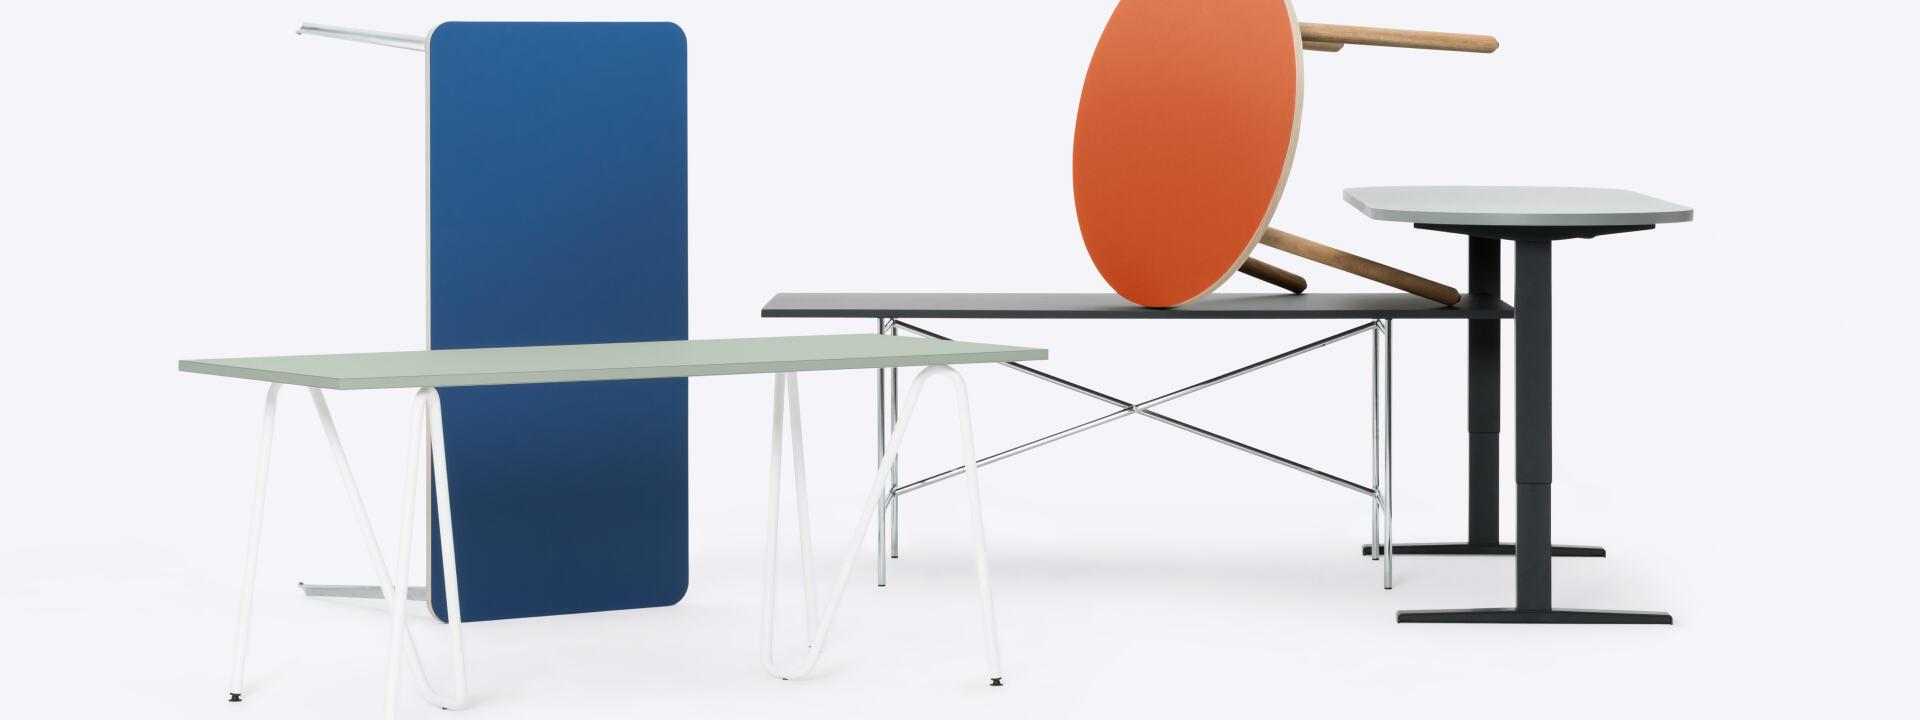 Startseite, Tischplatten, Tische, Tischgestelle, Regalsystem, Stühle & Hocker, Büro & Zuhause, Zubehör